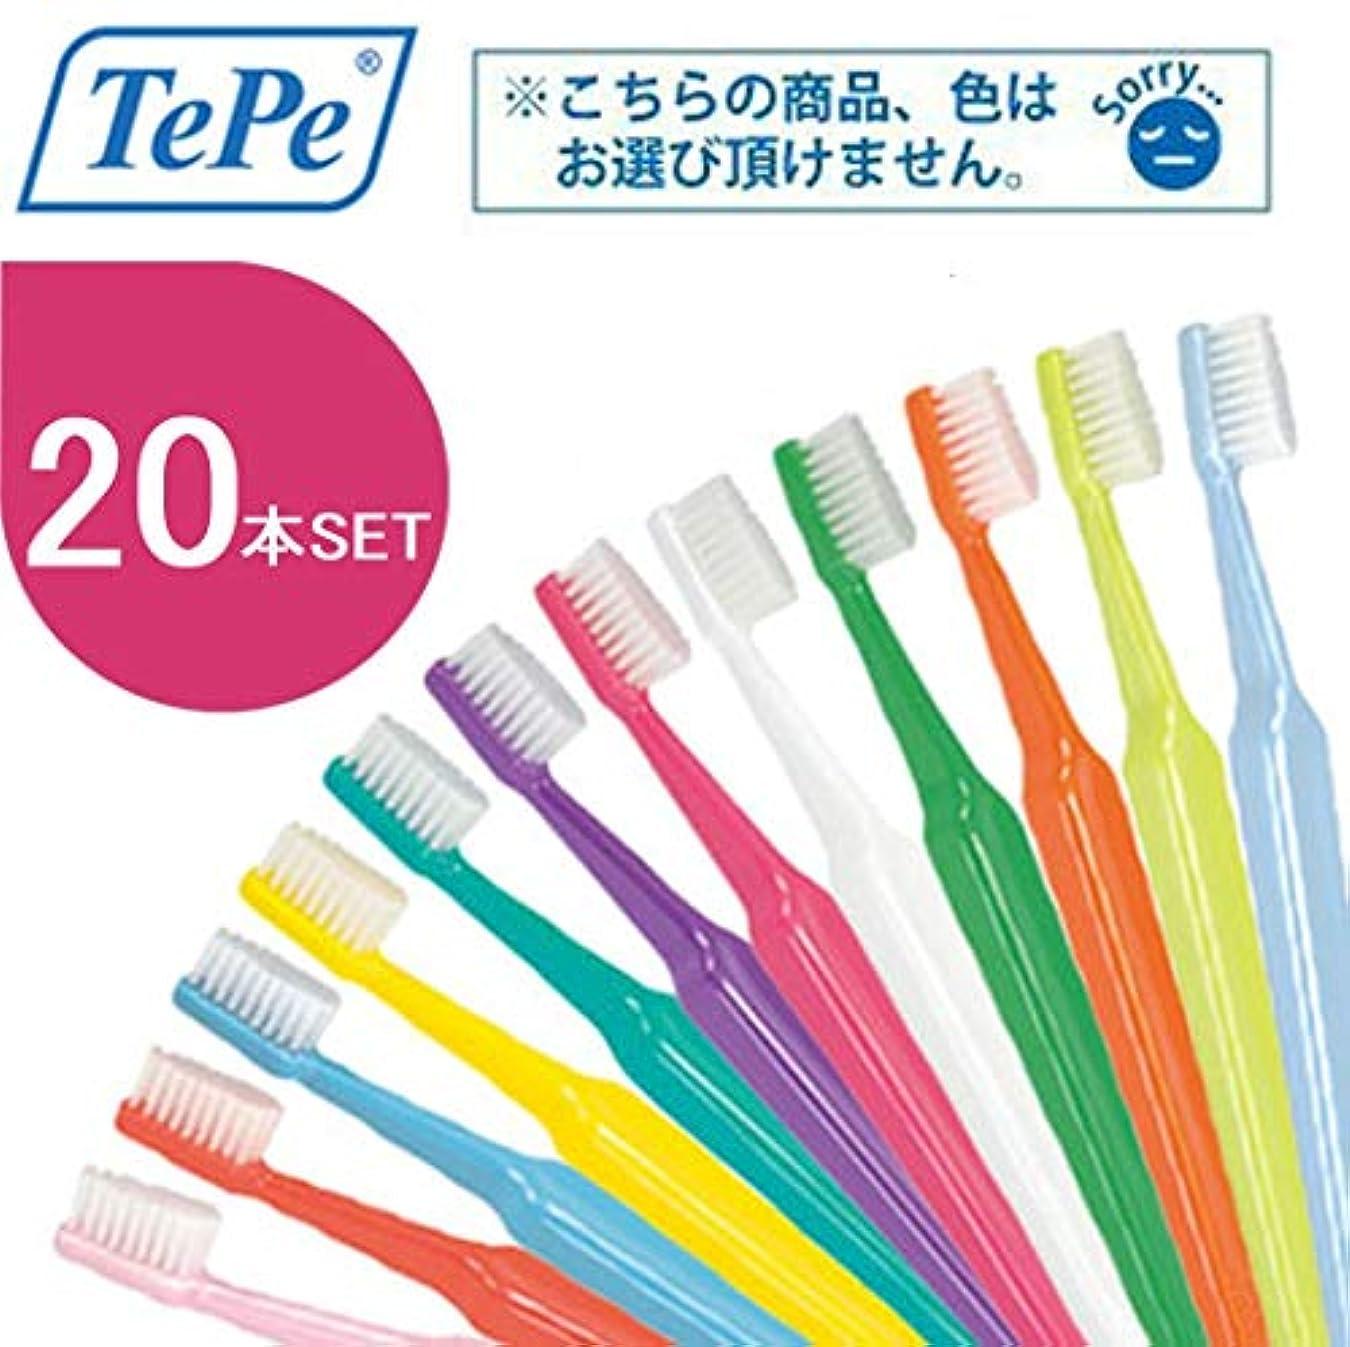 近傍肉屋フォーマルクロスフィールド TePe テペ セレクト 歯ブラシ 20本 (エクストラソフト)